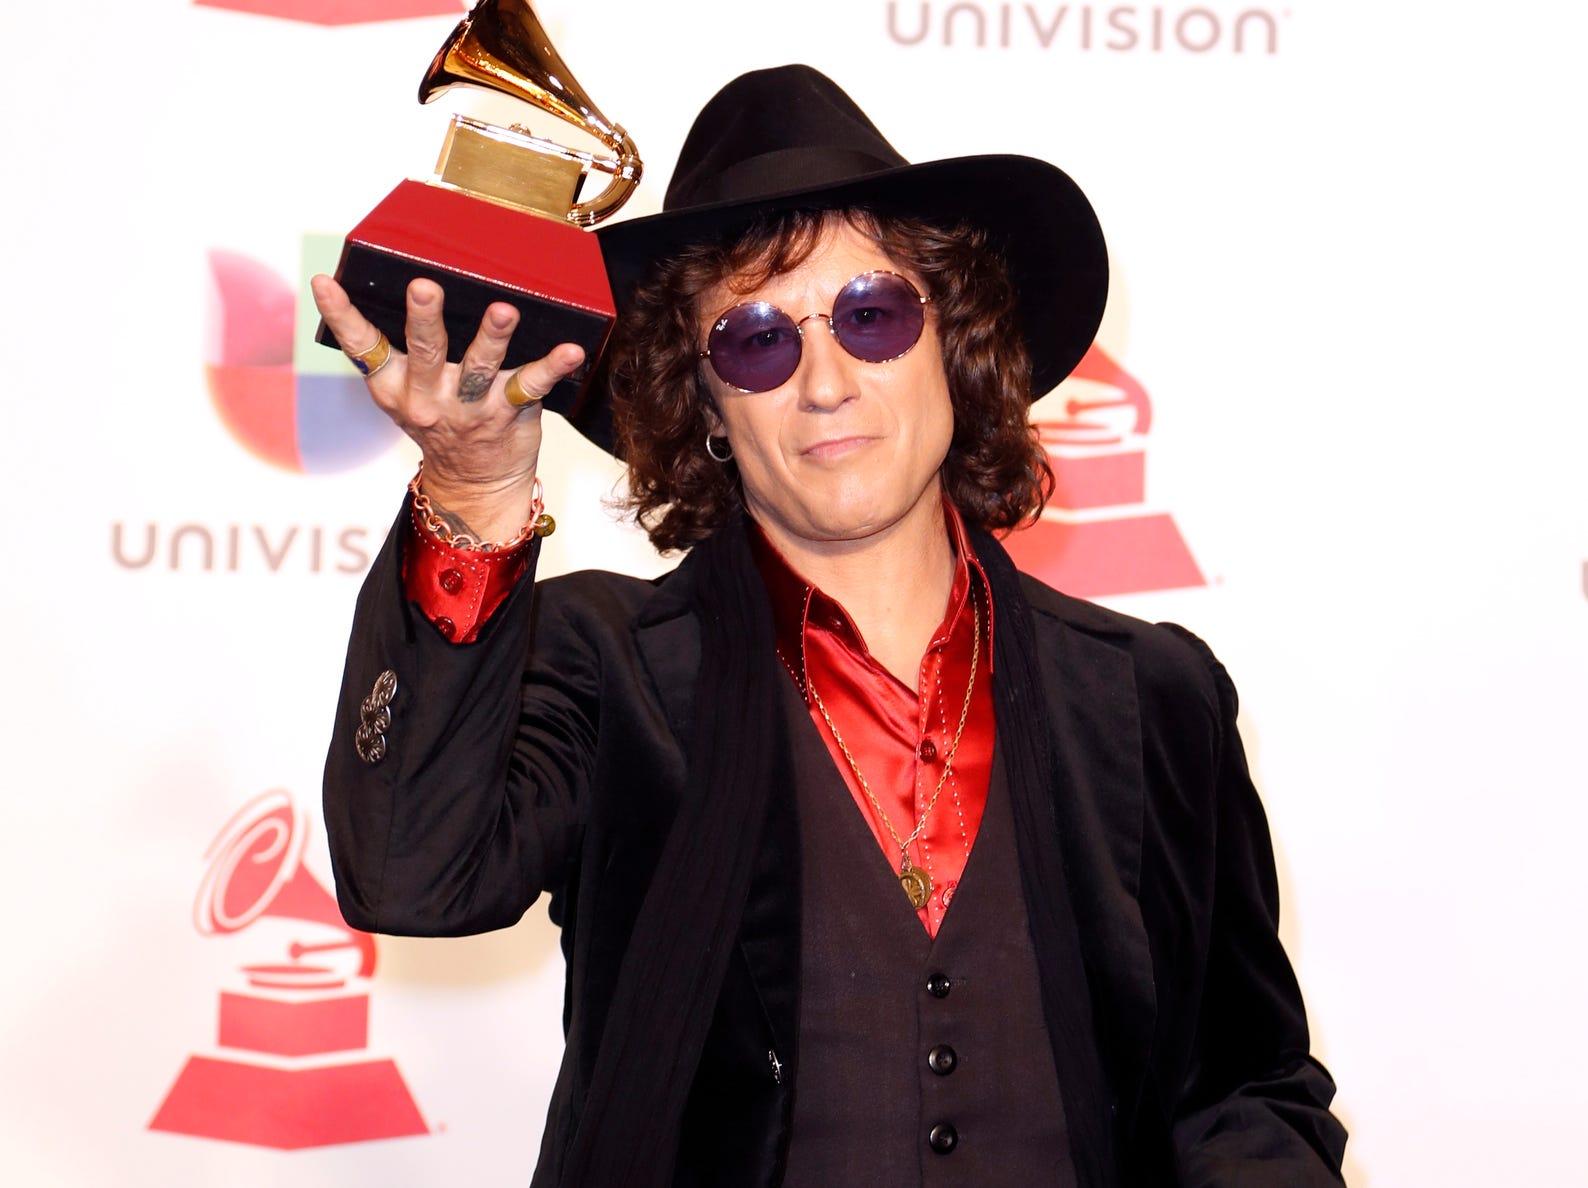 Enrique Bunbury holds the award for Best Rock Album